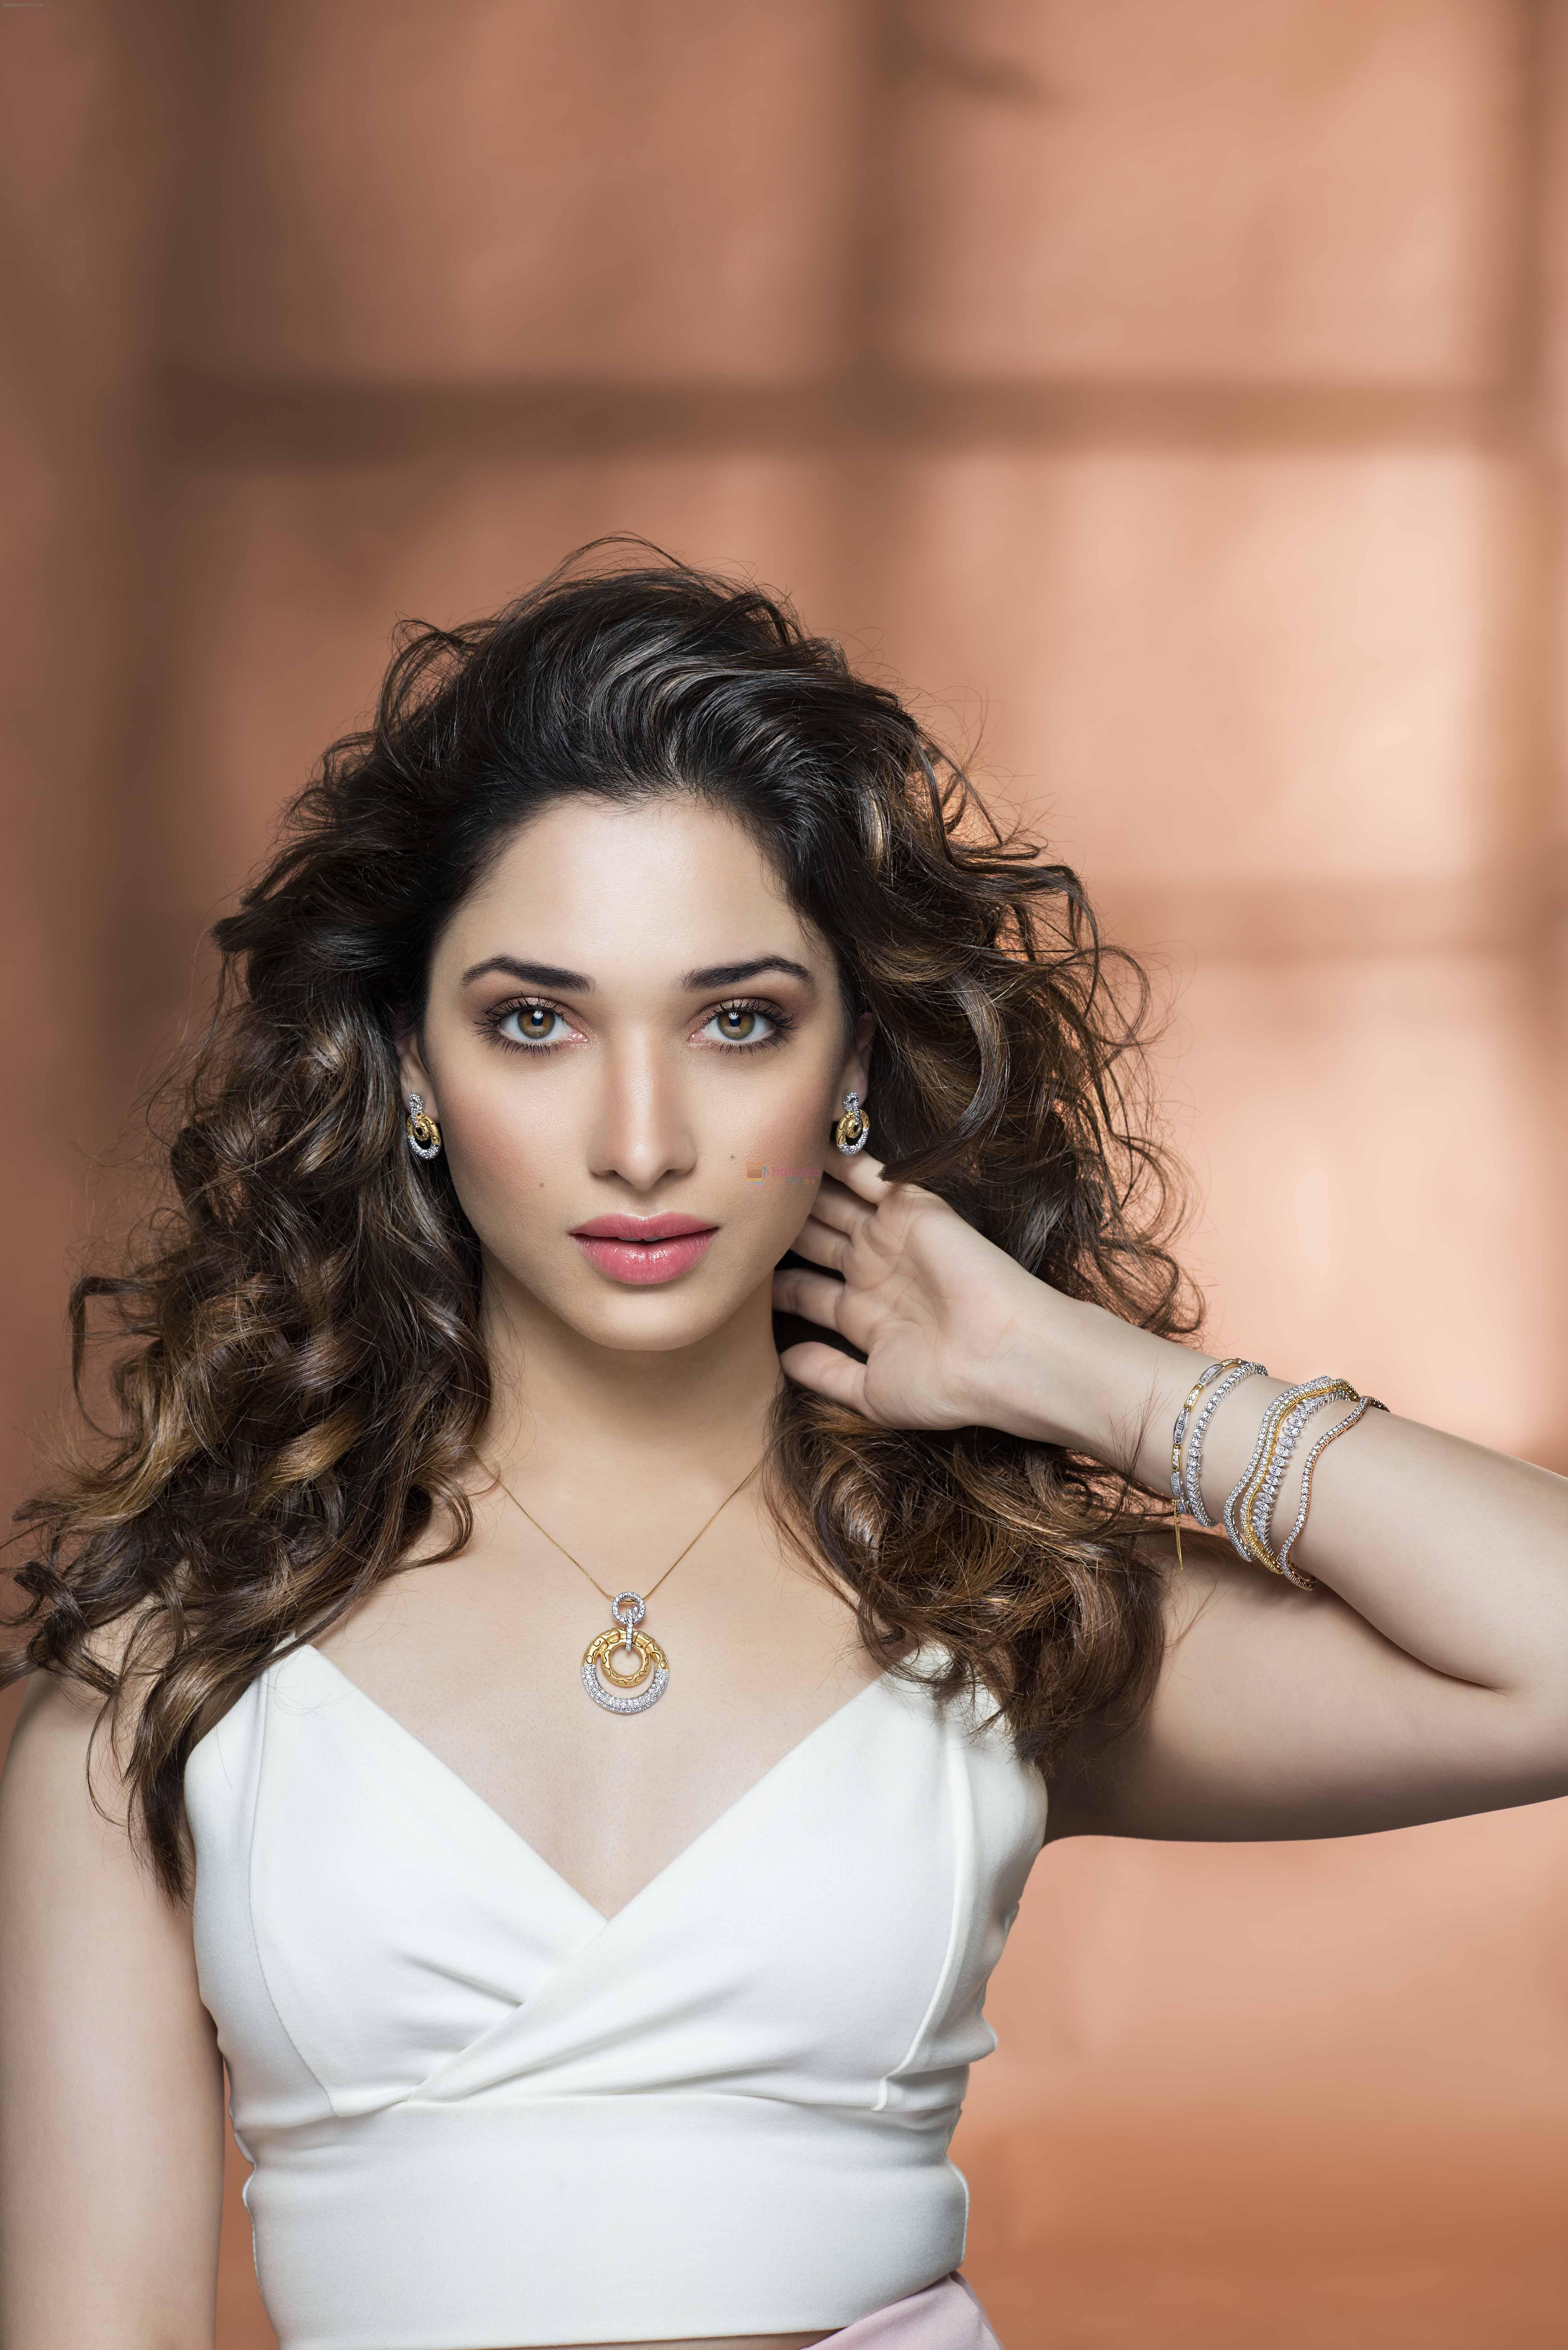 Tamannah Bhatia juggles between ad shots and films